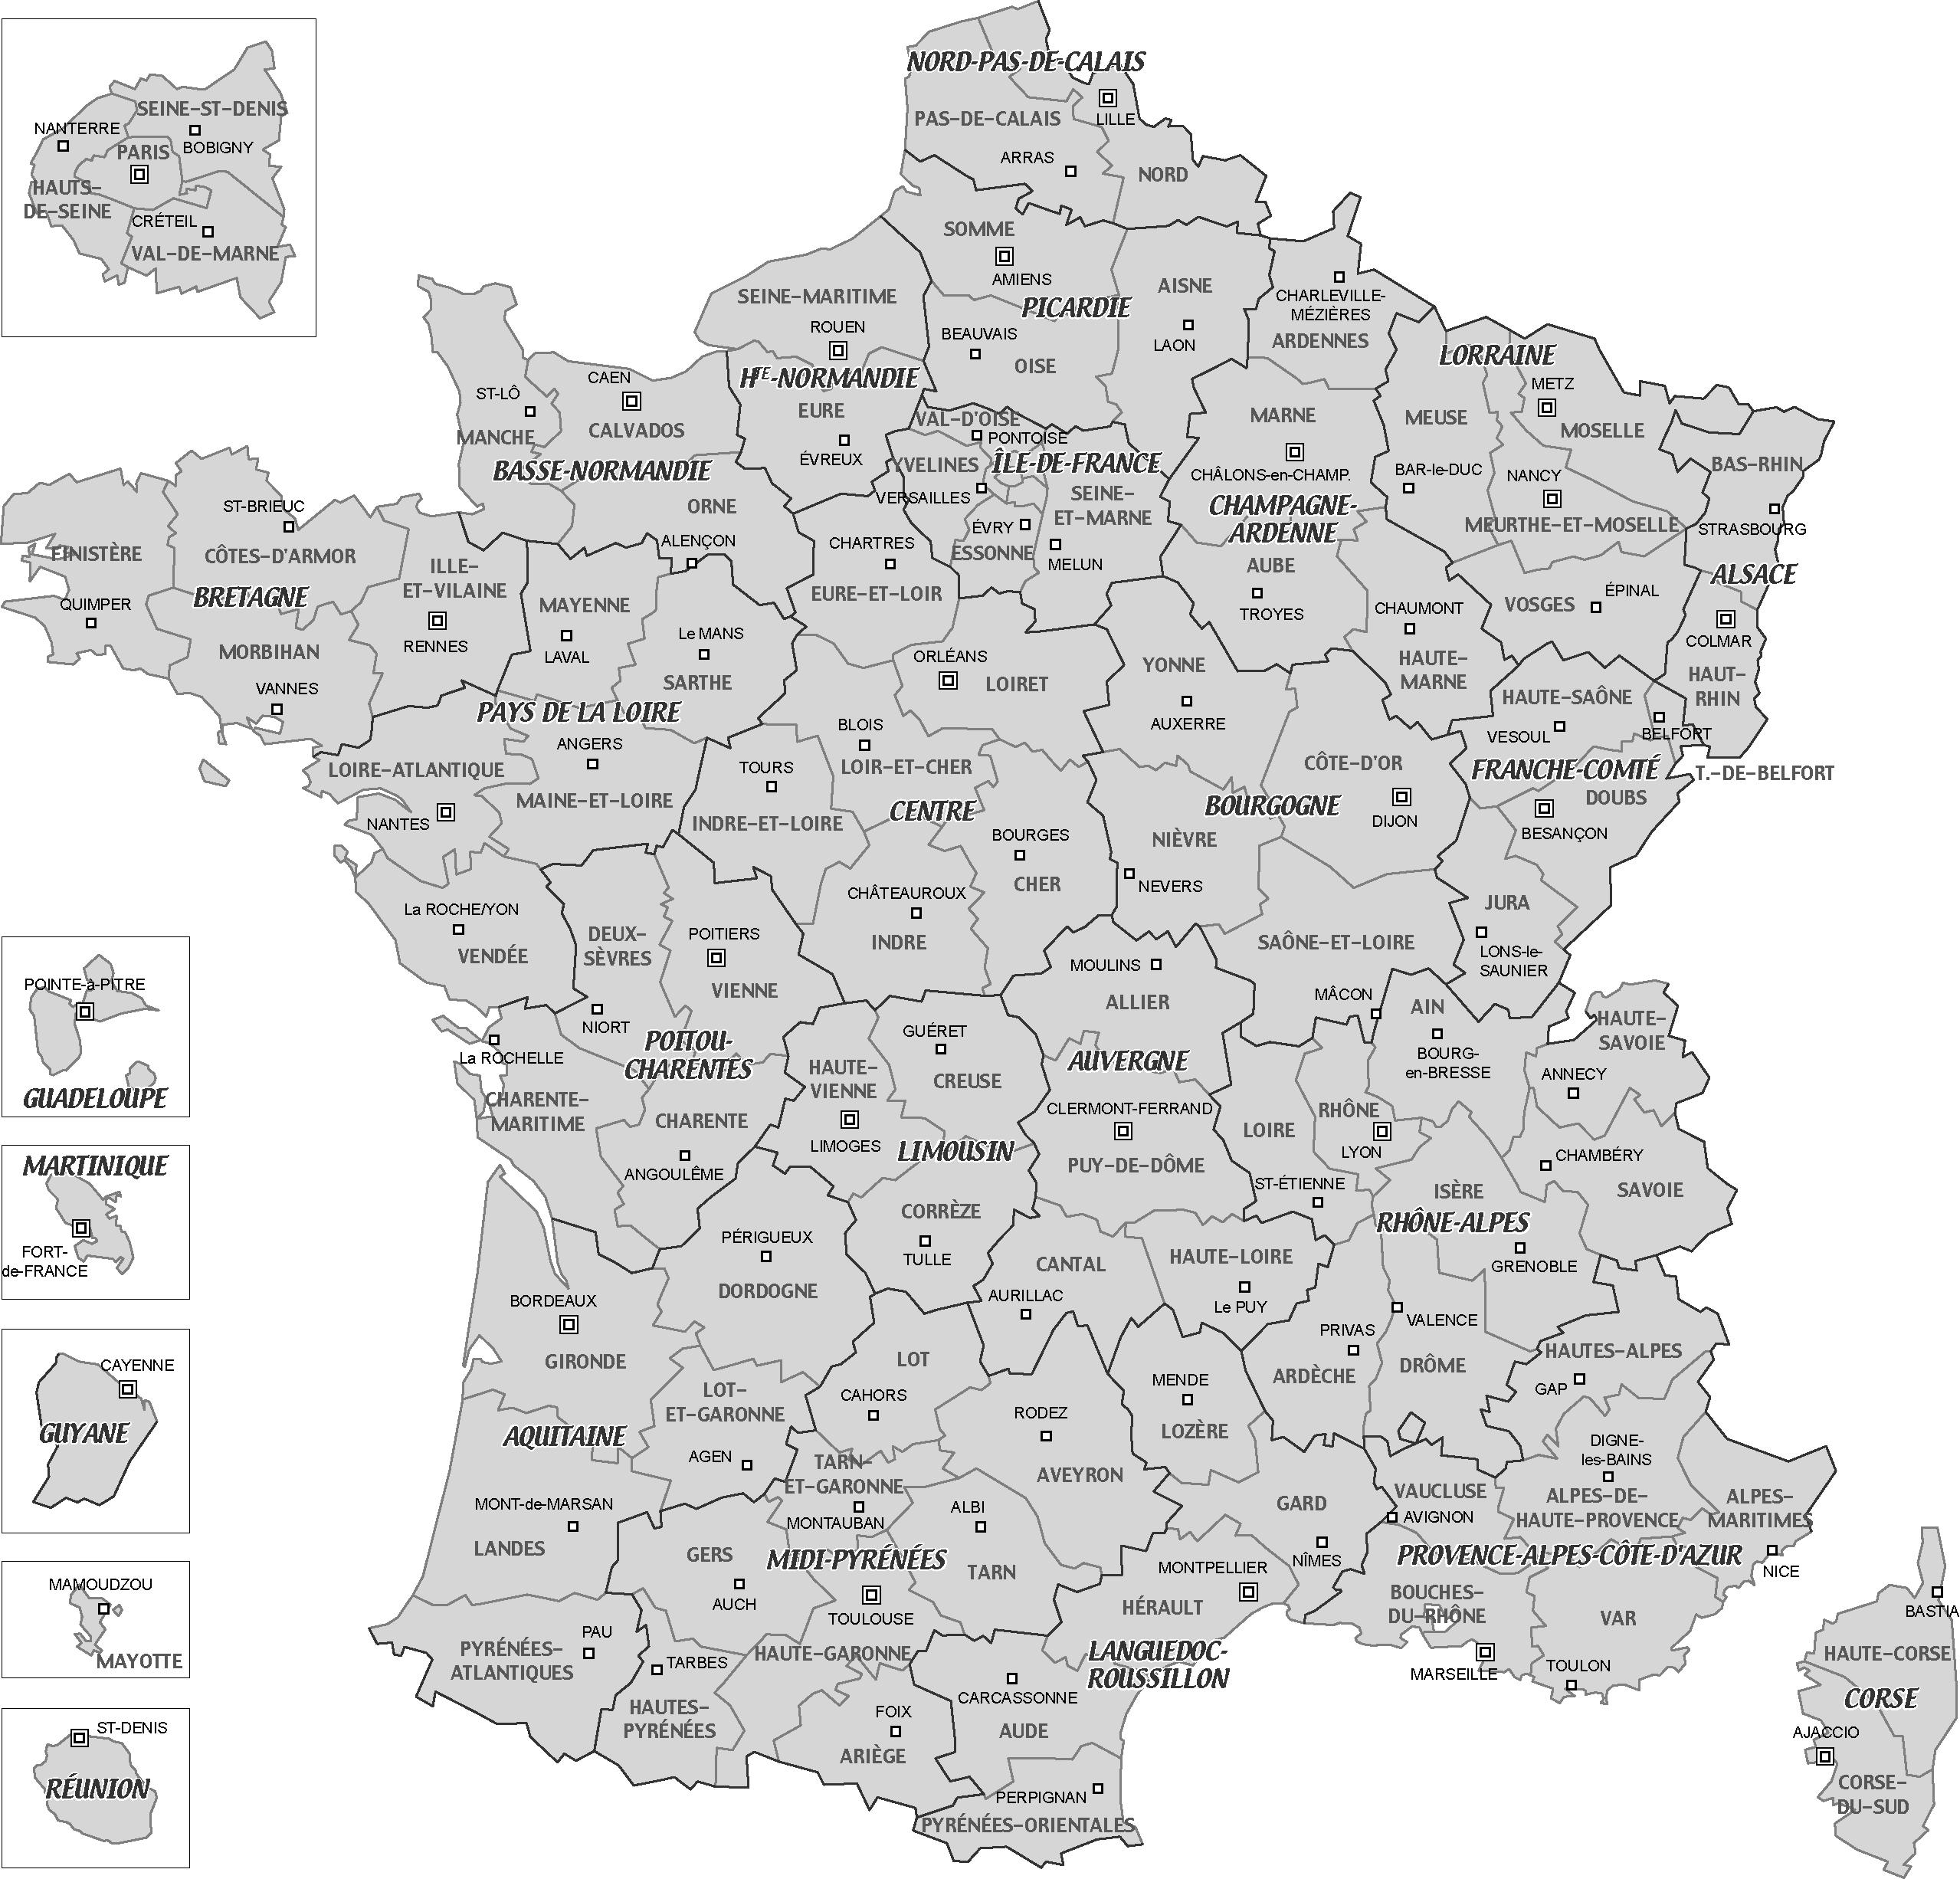 Carte de france avec département et région